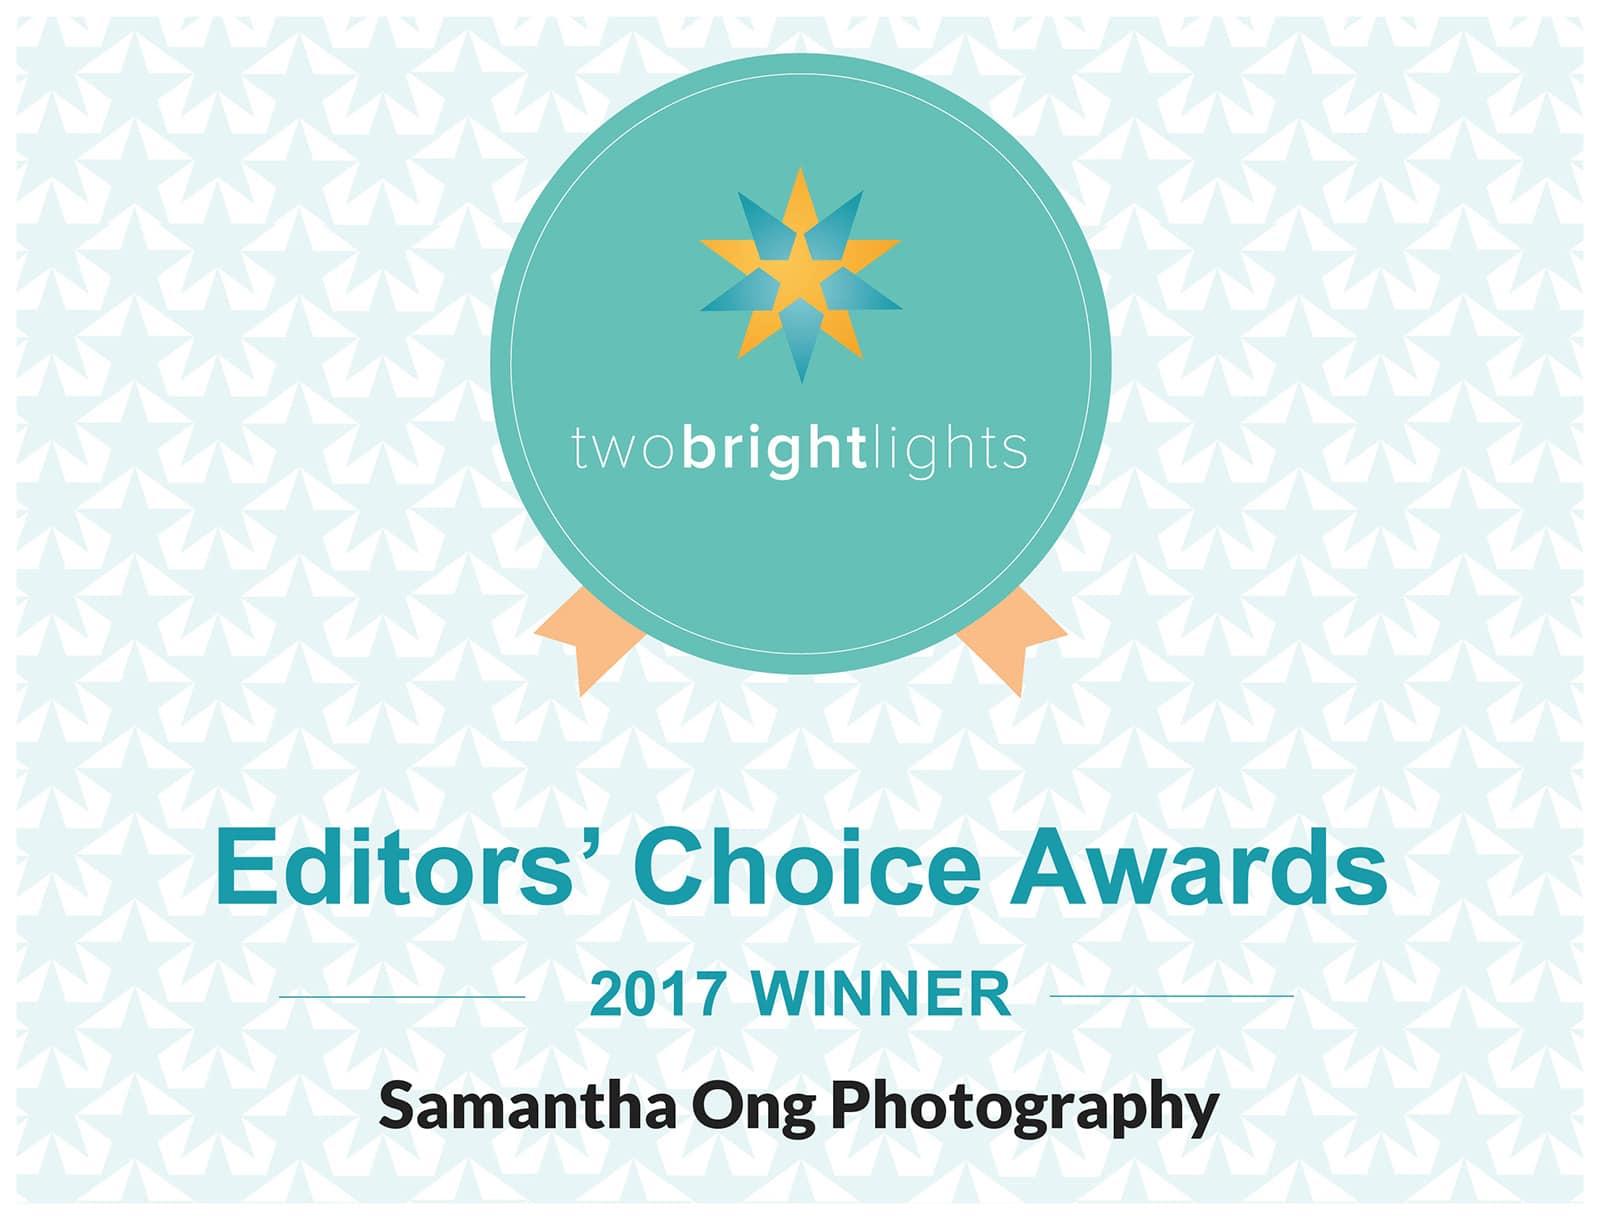 Samantha Ong Photography wins 2017 Two Bright Lights Editors' Choice Award